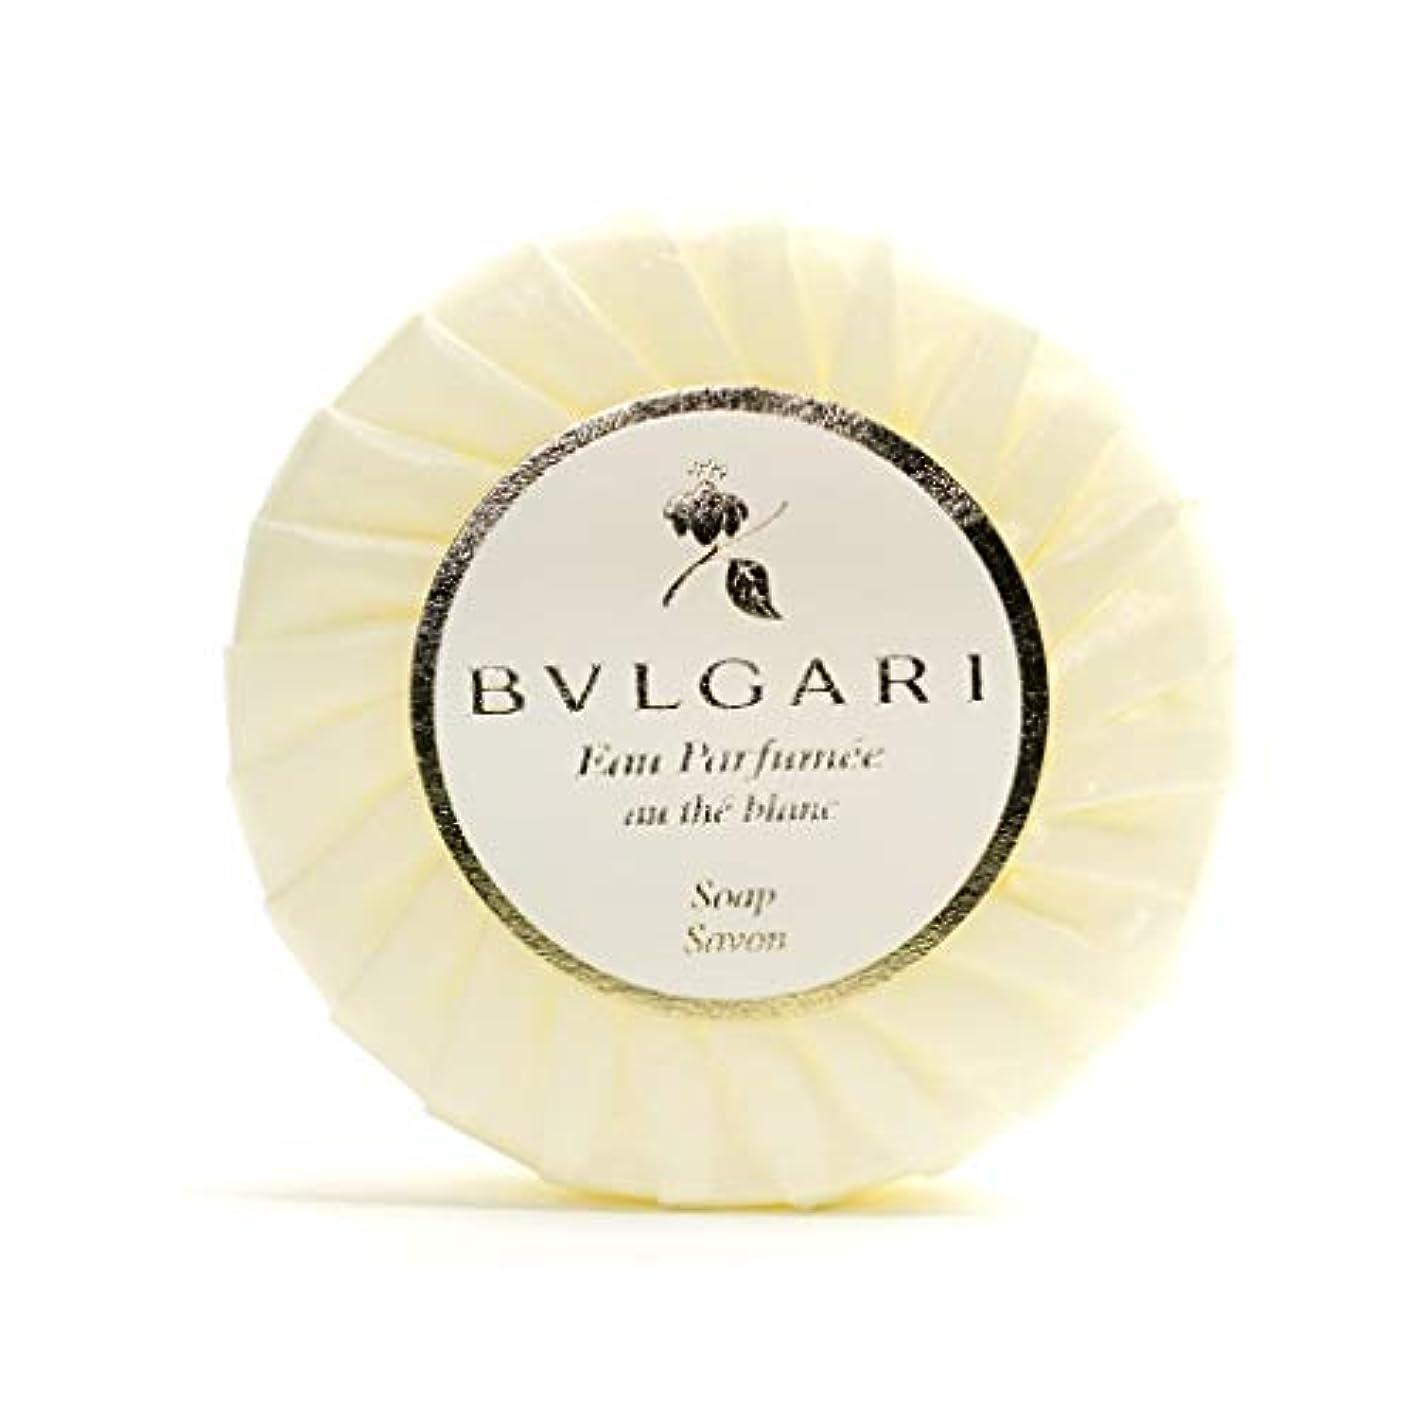 絶滅させるアリーナ自明ブルガリ オ?パフメ オーテブラン ソープ 75g BVLGARI Bvlgari Eau Parfumee au the blanc White Soap